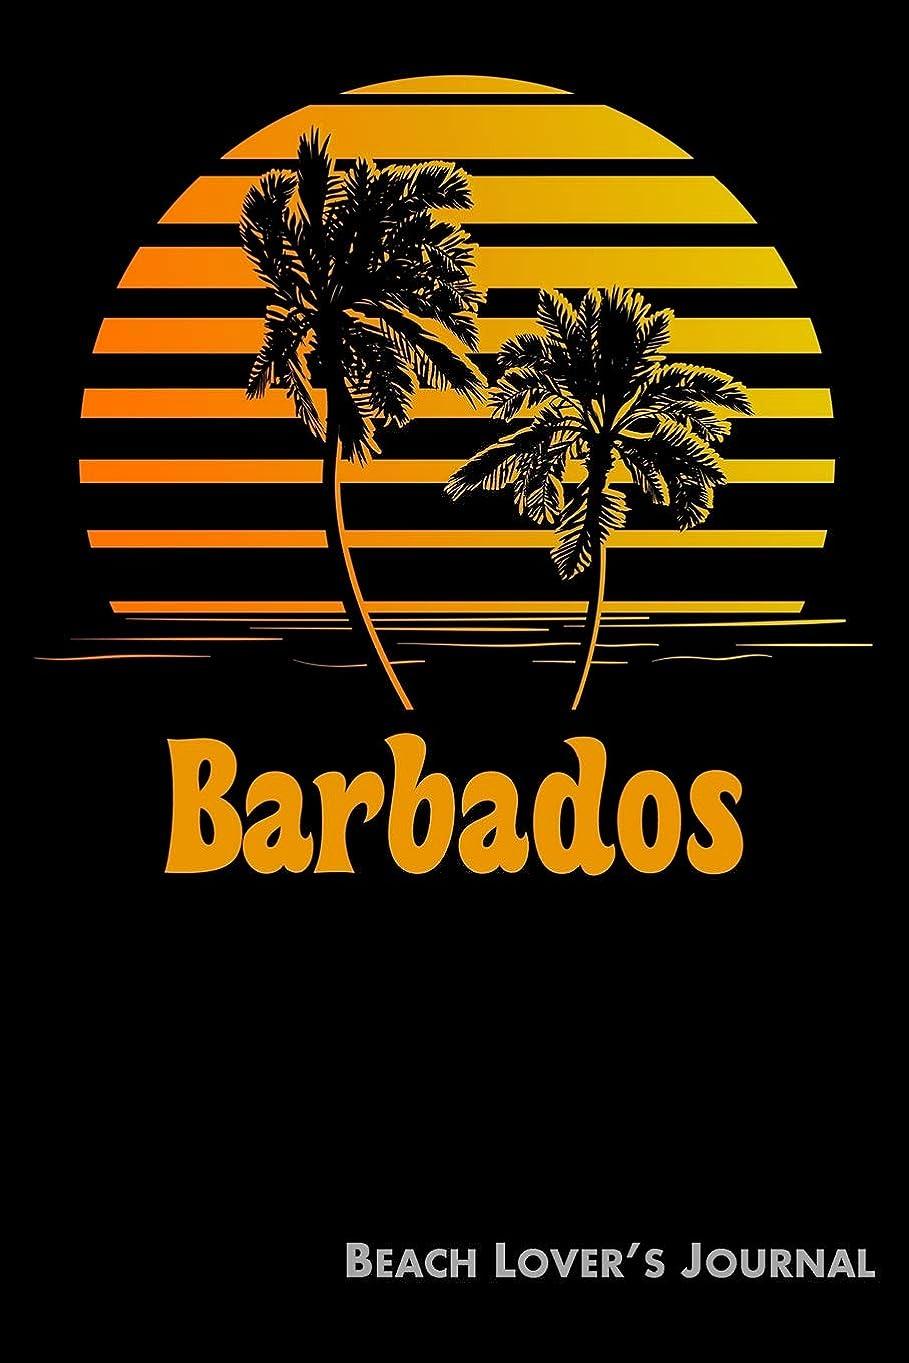 相続人降雨論争の的Barbados Beach Lover's Journal: Summer Vacation Diary with Beach Themed Stationary (6 x 9)